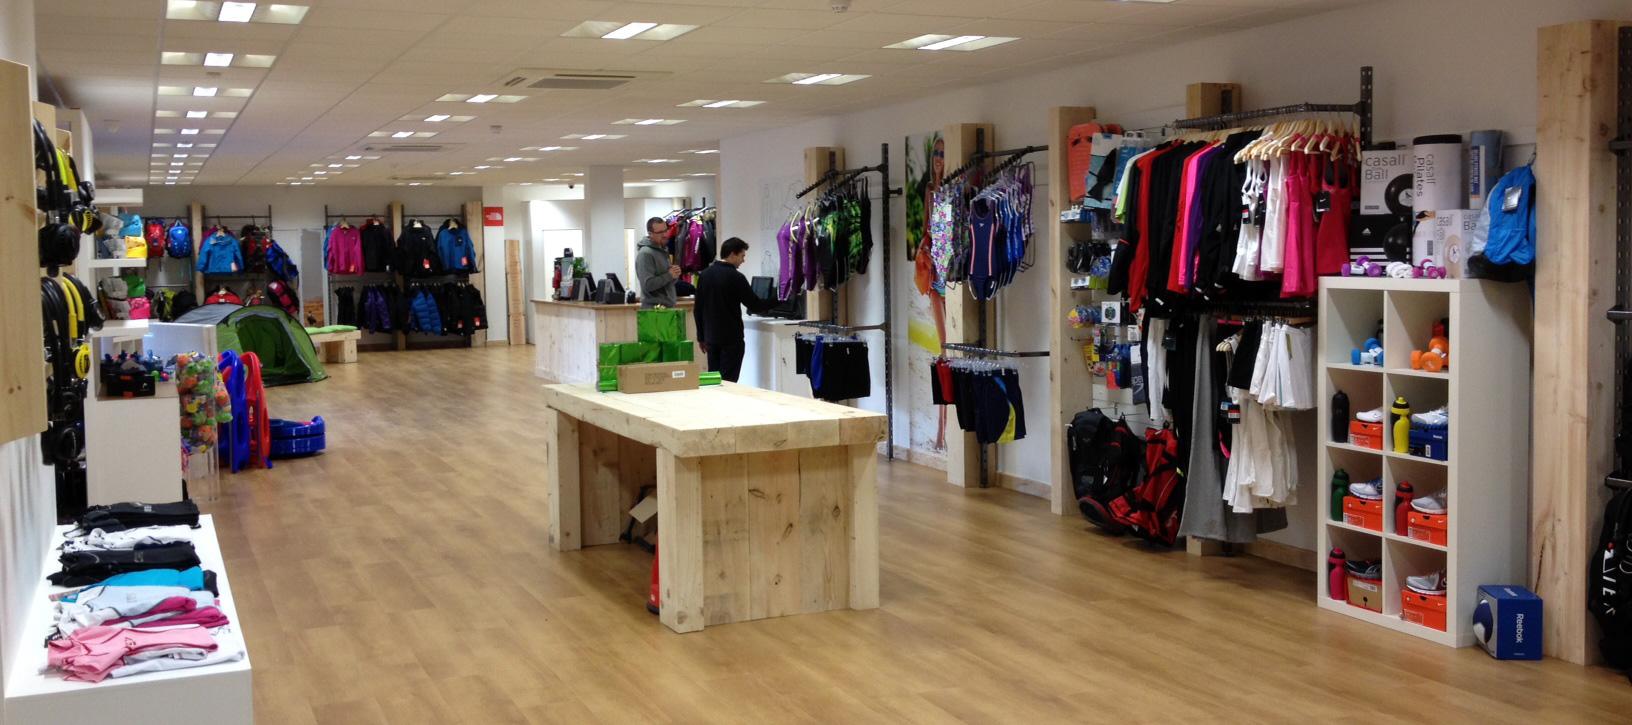 TheSimplyGroup com Relocates to Faversham